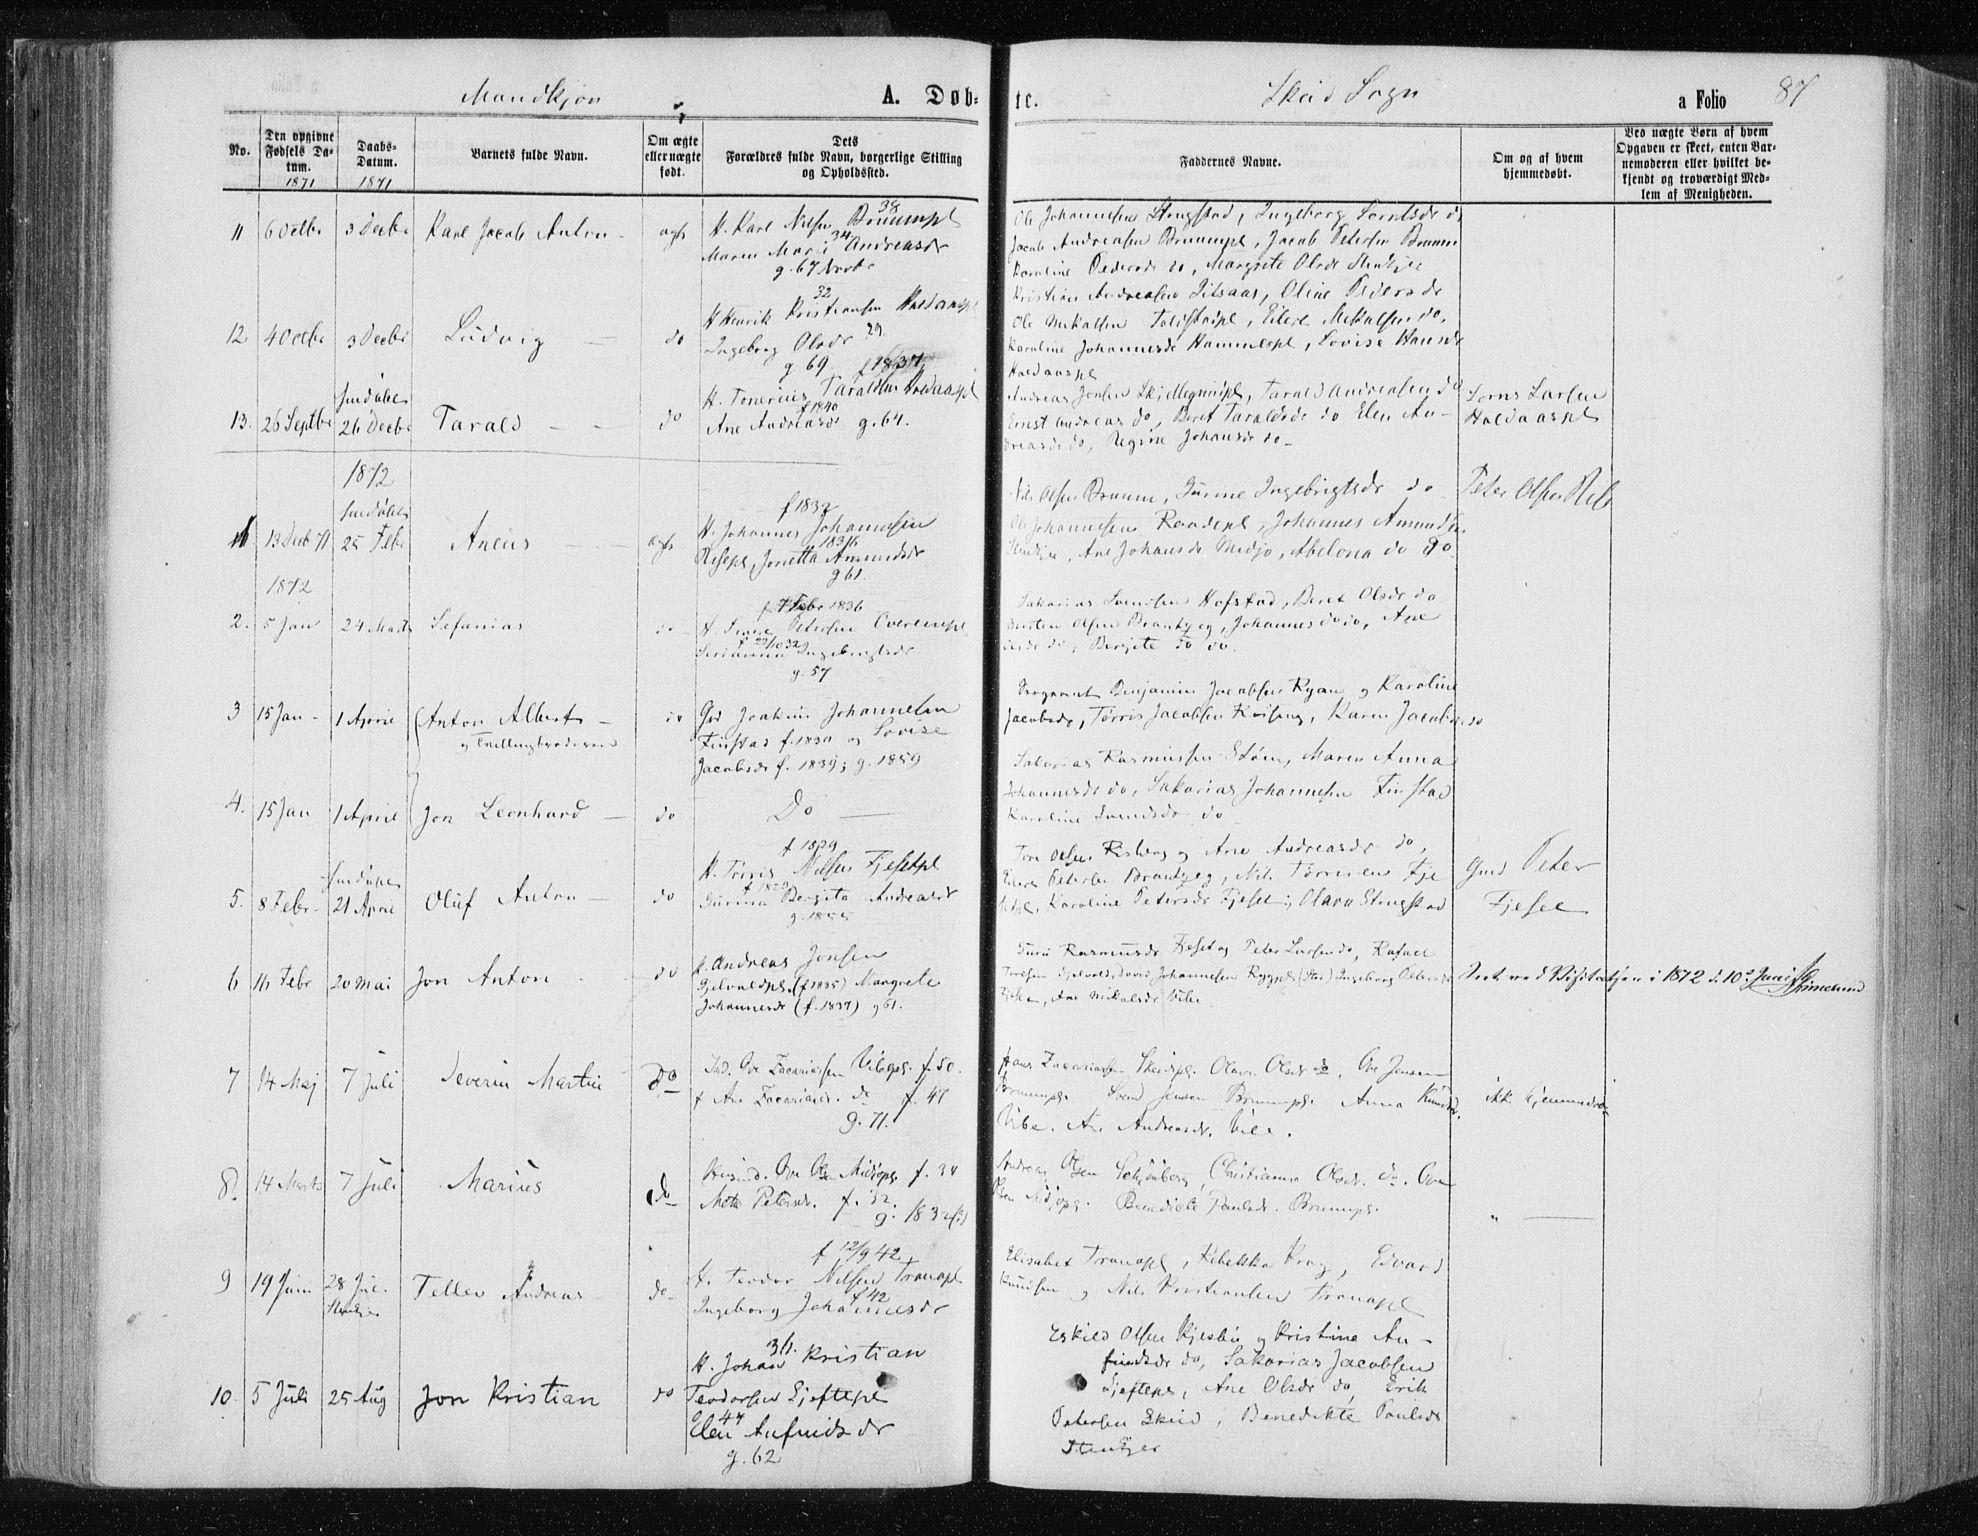 SAT, Ministerialprotokoller, klokkerbøker og fødselsregistre - Nord-Trøndelag, 735/L0345: Ministerialbok nr. 735A08 /2, 1863-1872, s. 87